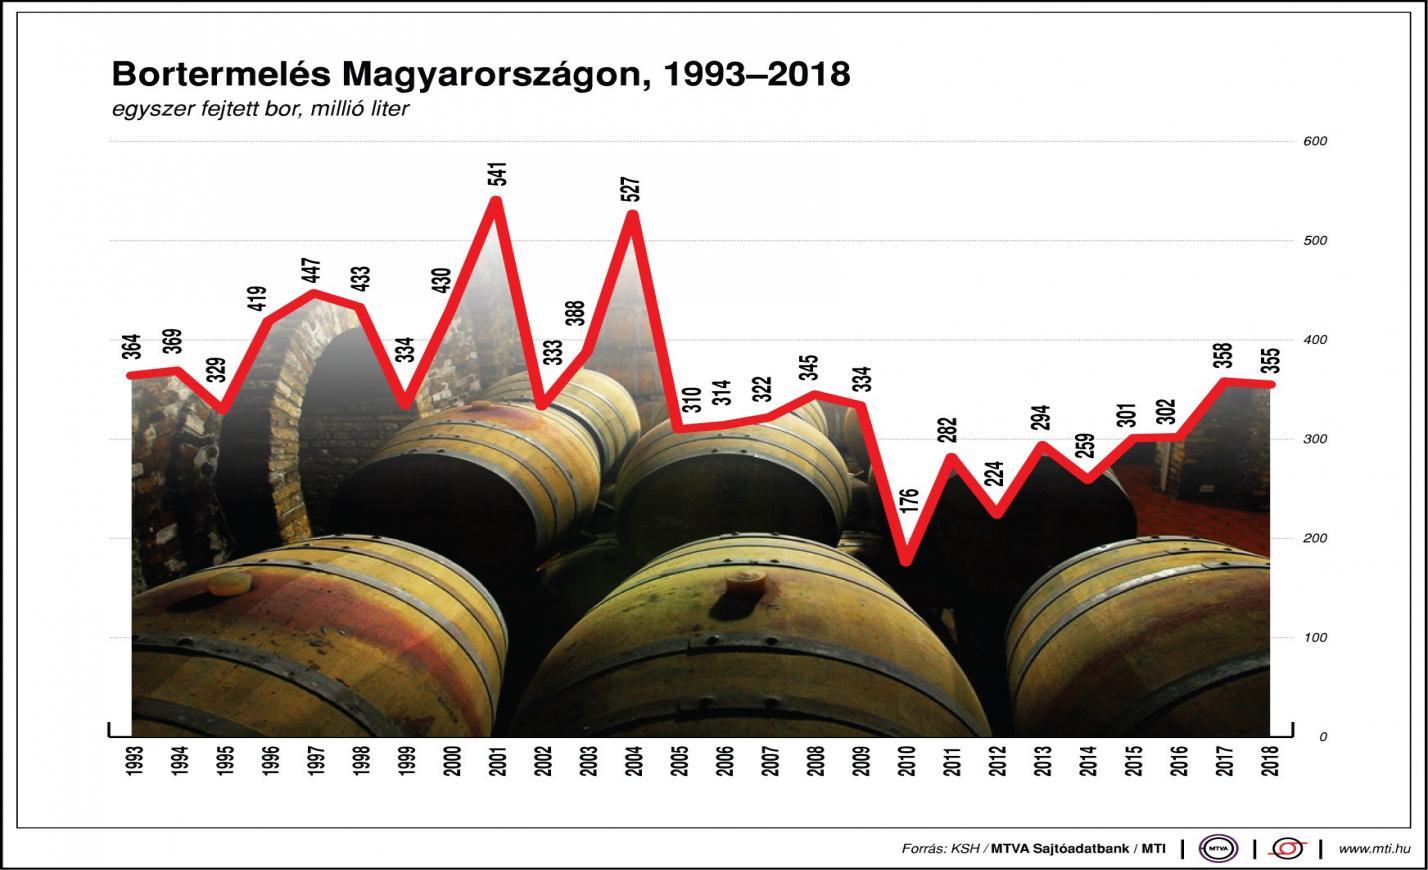 Így alakul a bortermelés Magyarországom